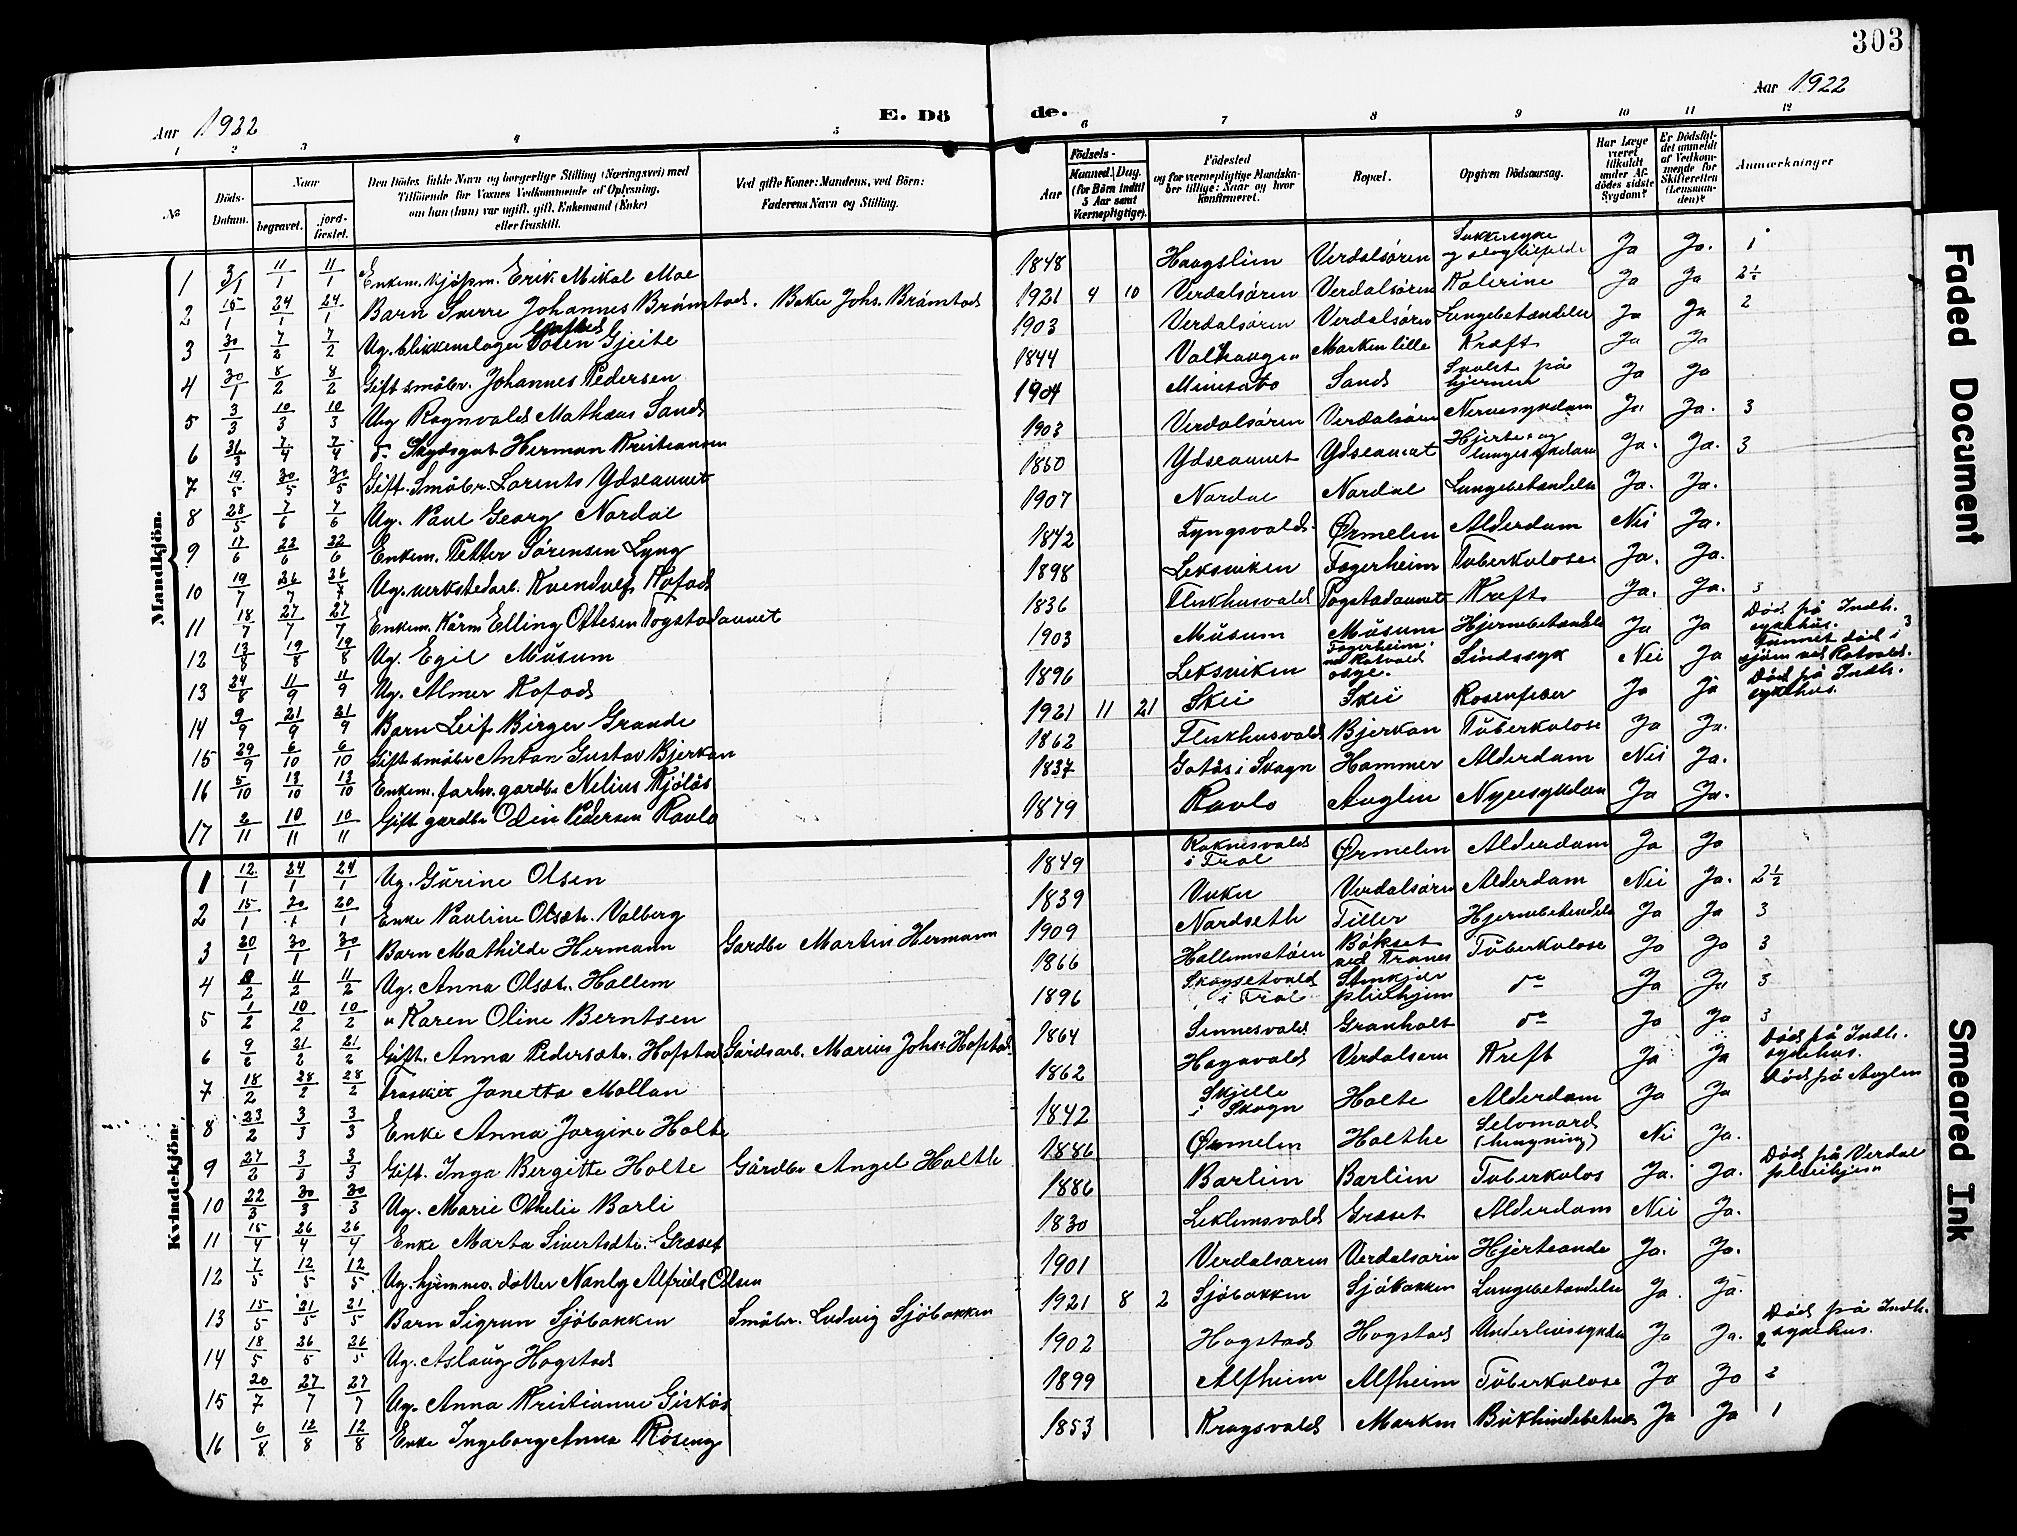 SAT, Ministerialprotokoller, klokkerbøker og fødselsregistre - Nord-Trøndelag, 723/L0258: Klokkerbok nr. 723C06, 1908-1927, s. 303